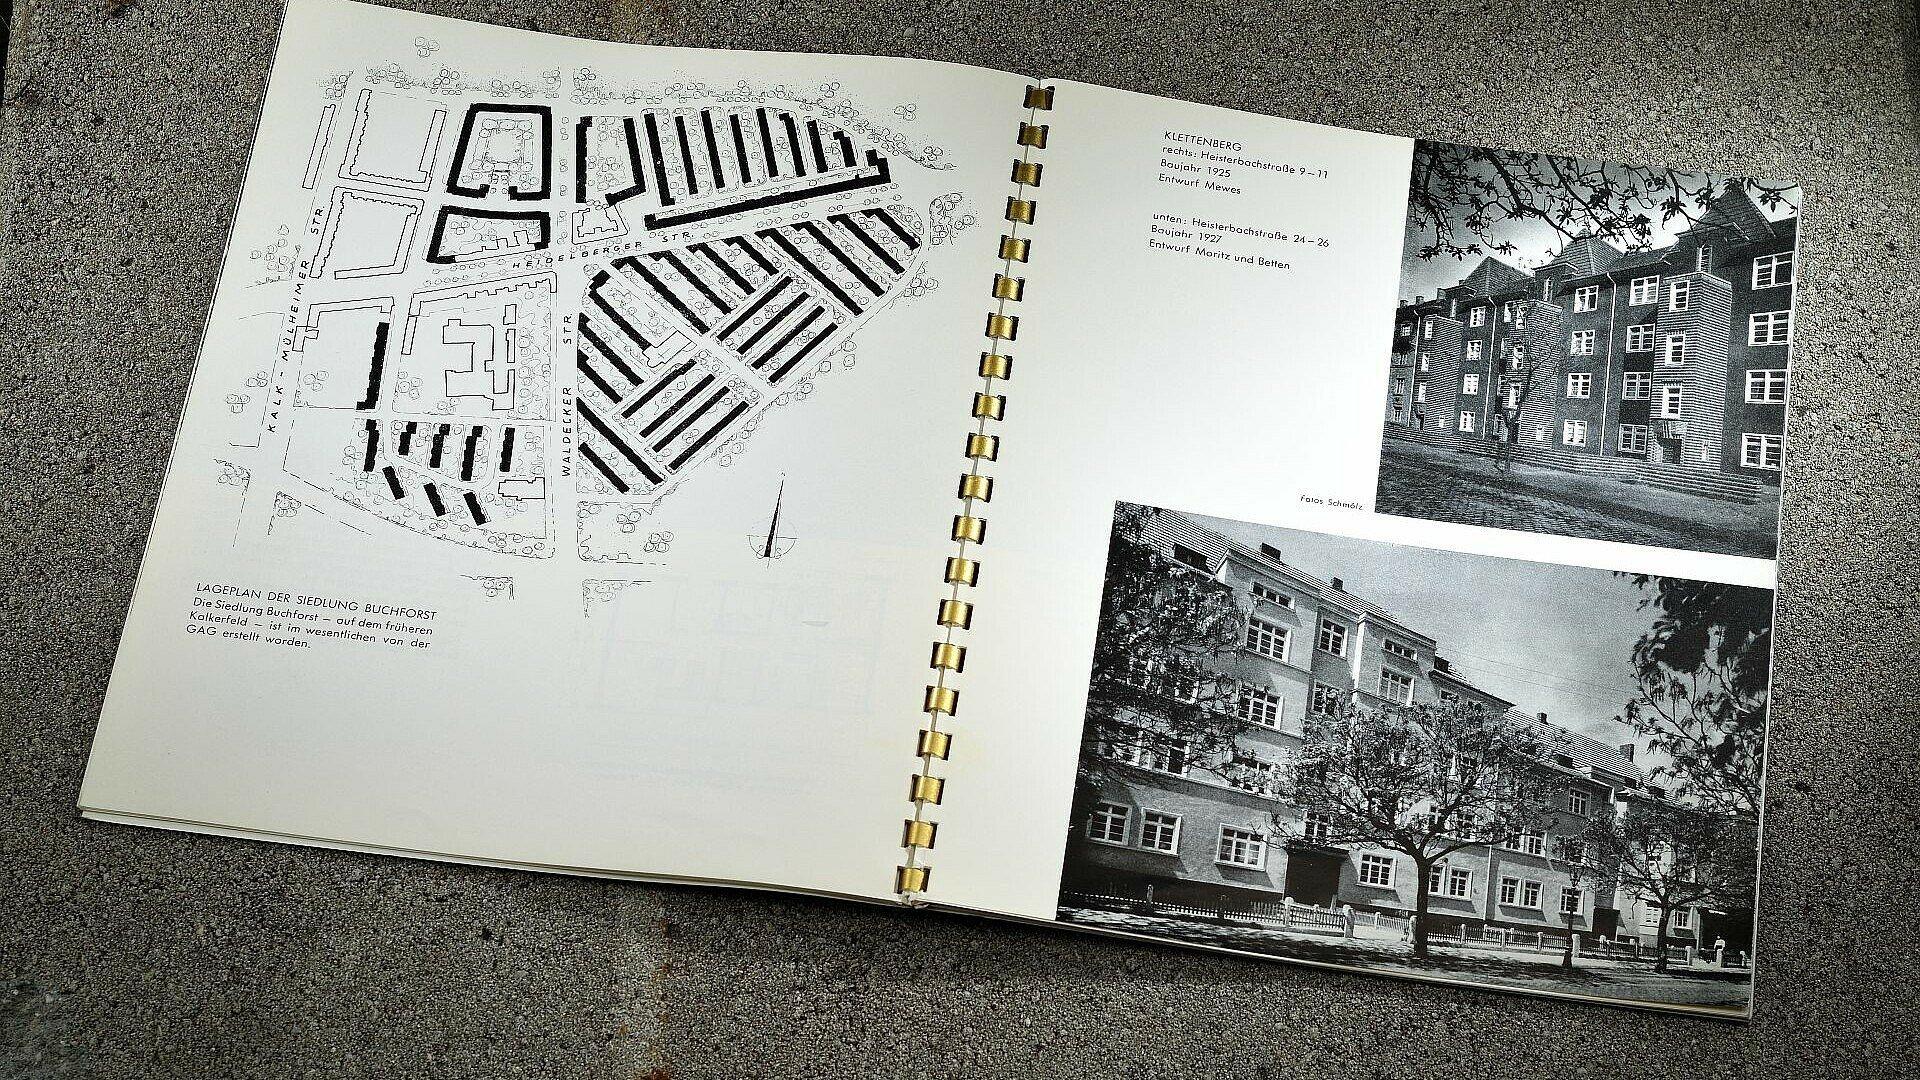 GAG-Broschüre zeigt historische Siedlungen in Köln